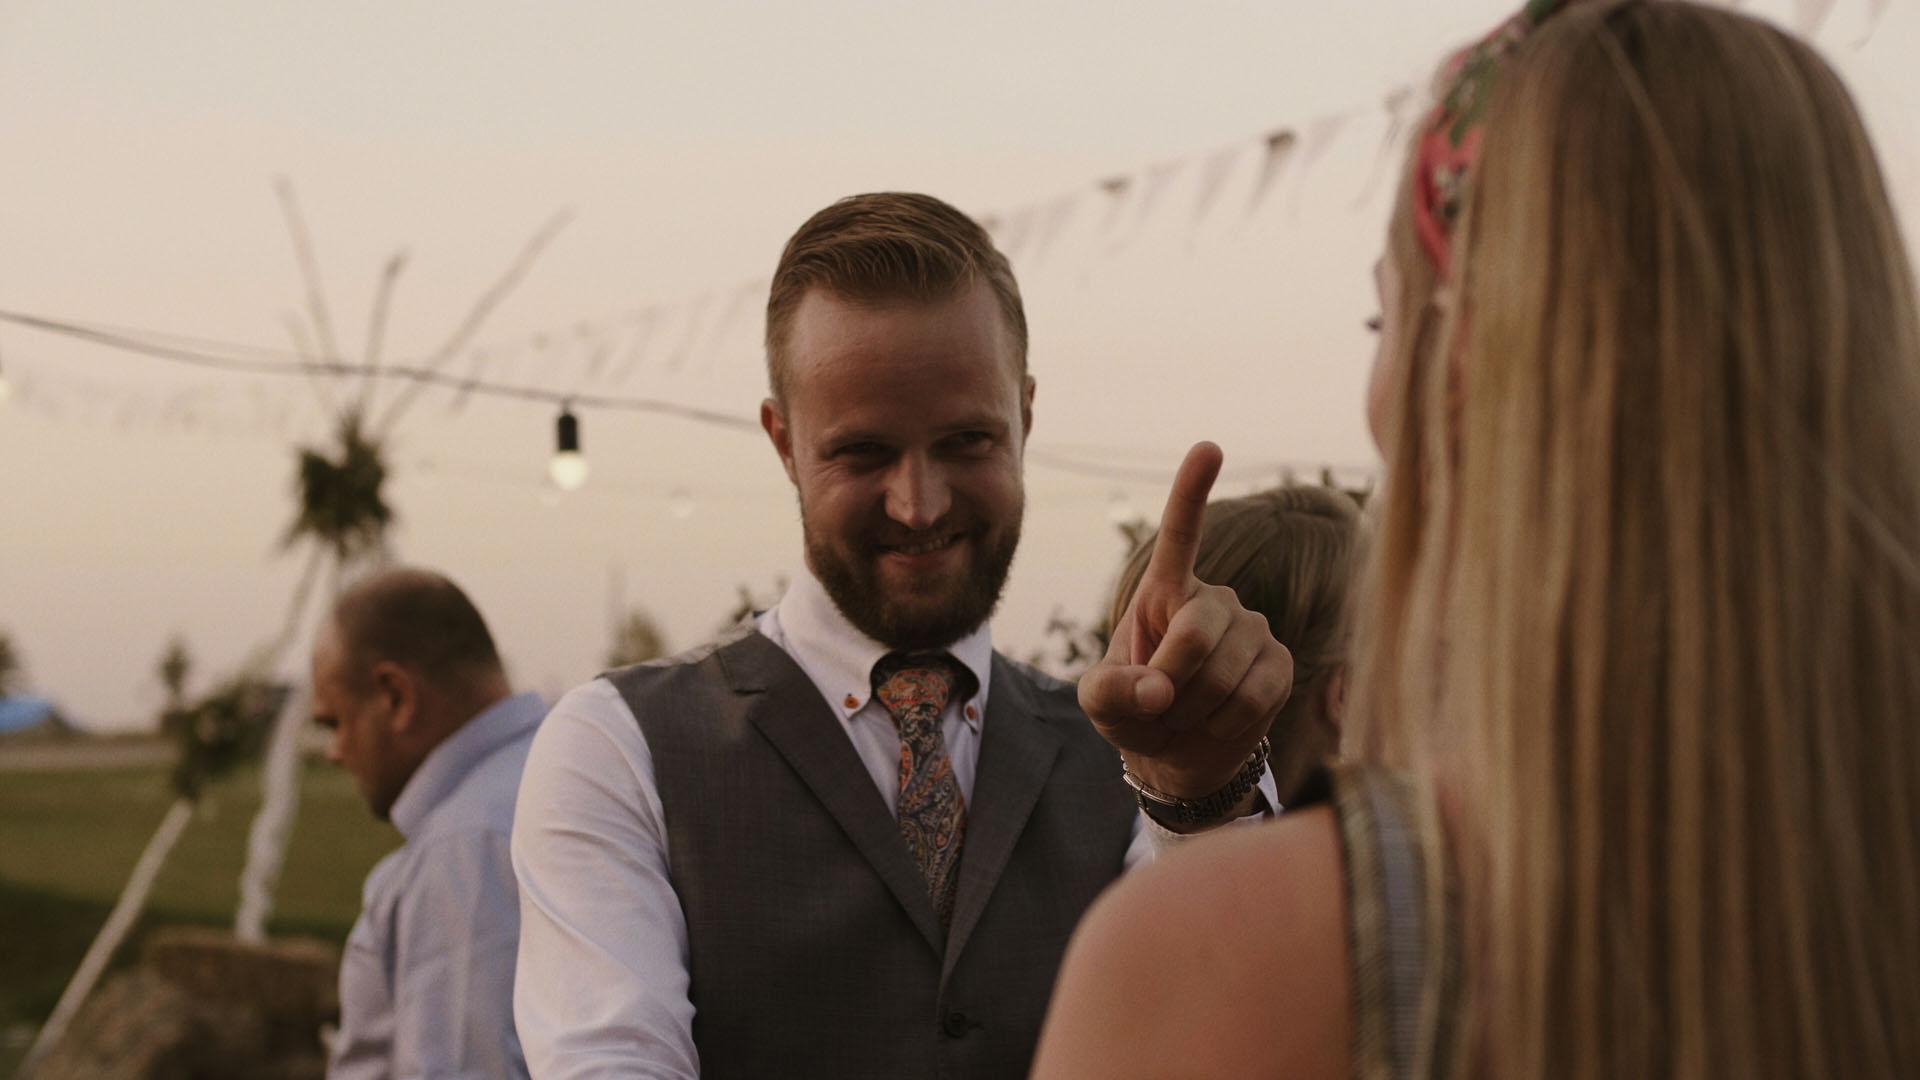 93 folwark ruchenka stodoła wesele ślub humanistyczny. film ślubny